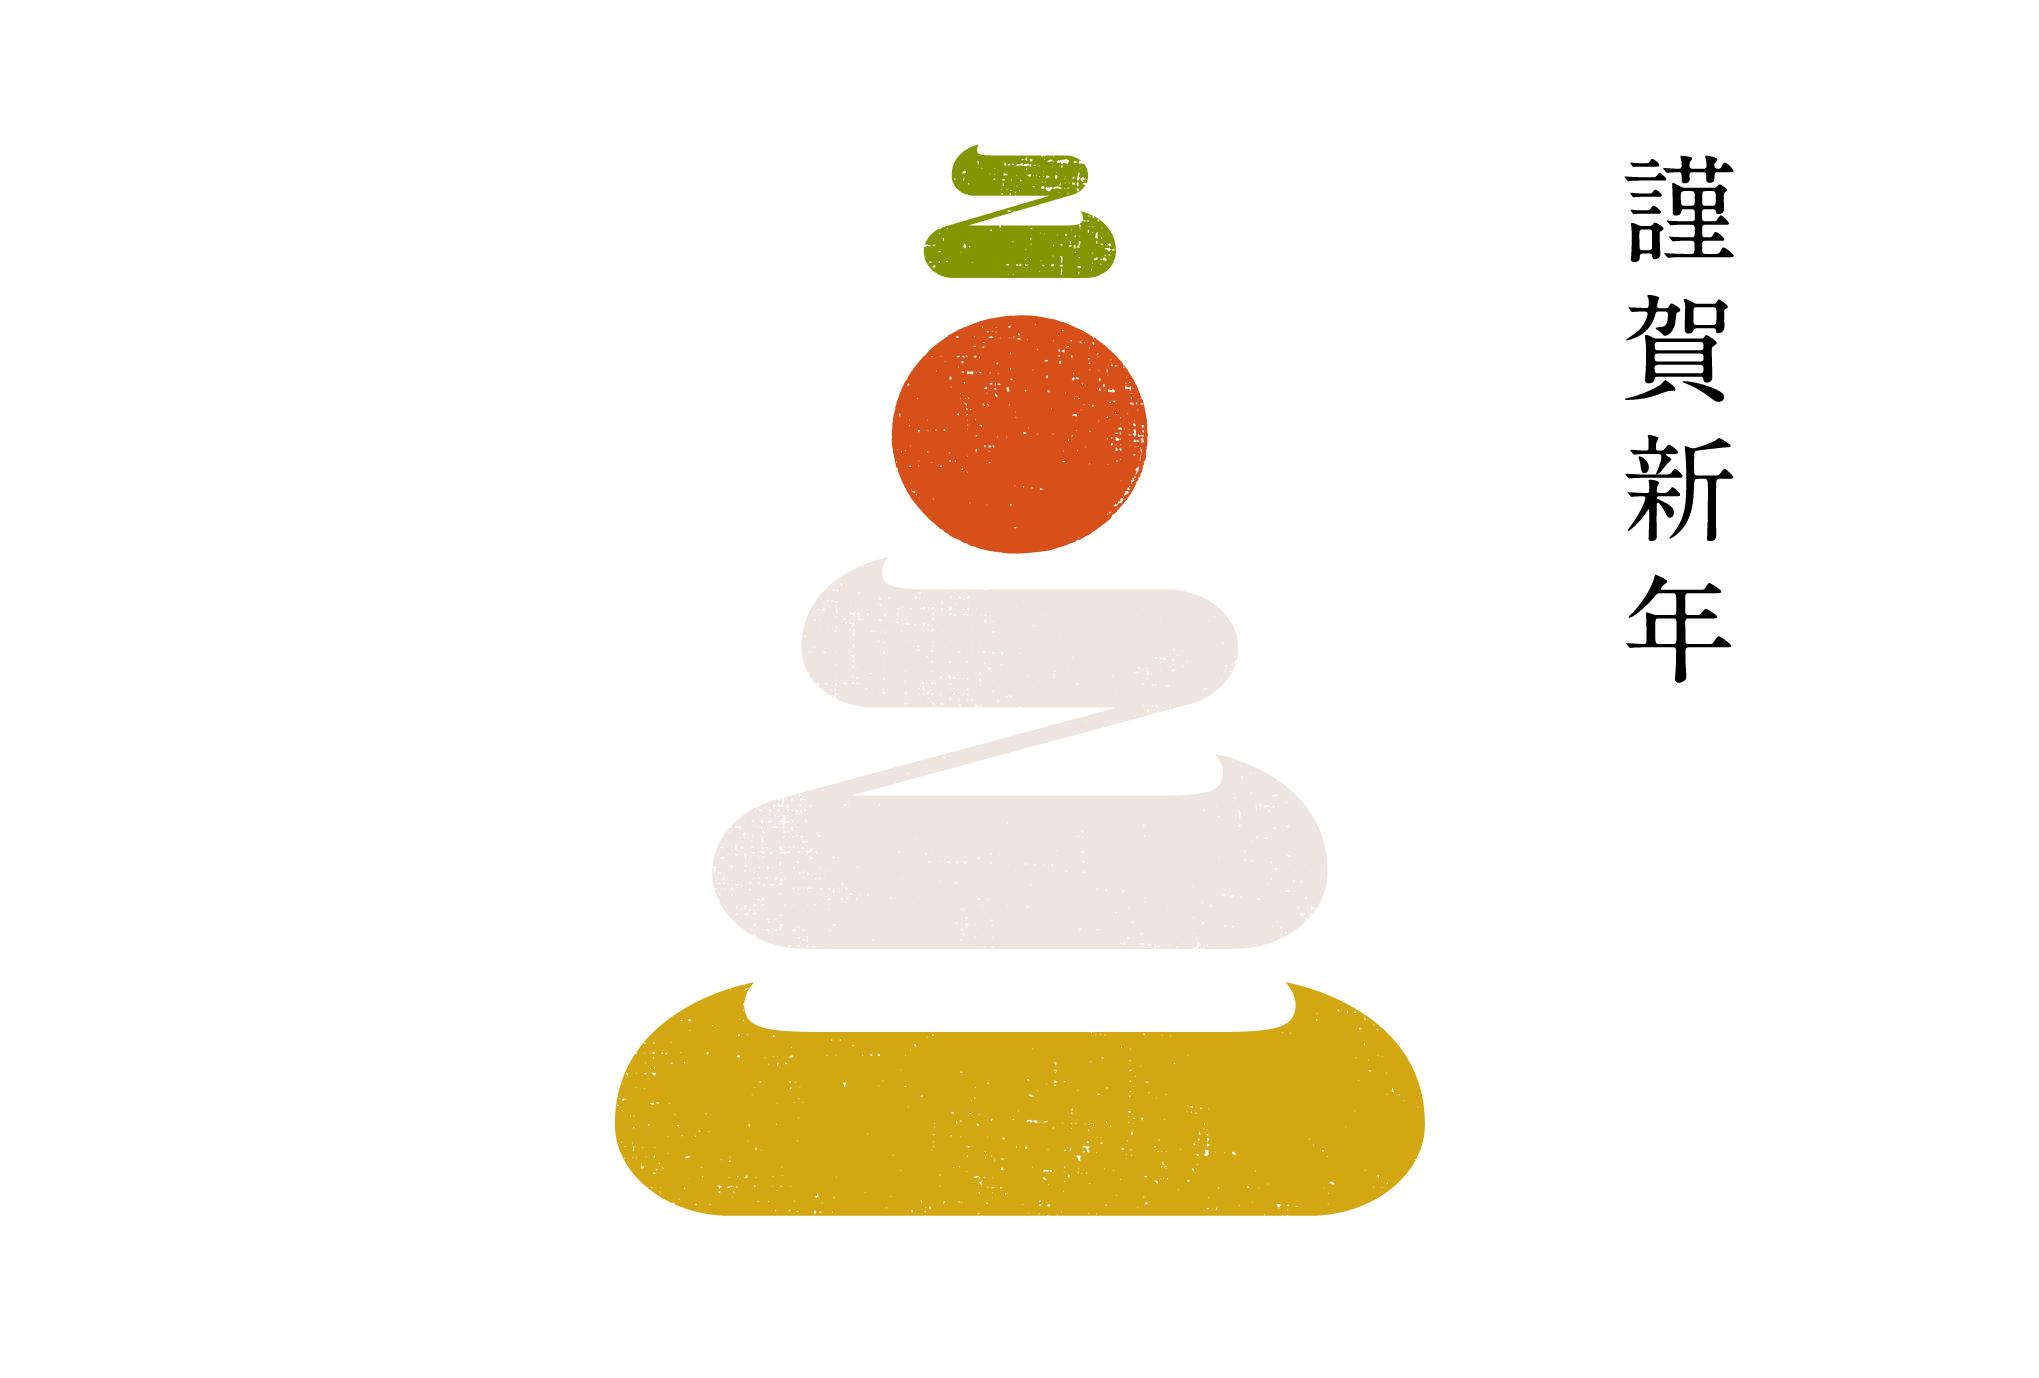 2021年賀状23-3:鏡餅二〇二一(謹賀新年)/ Cのダウンロード画像